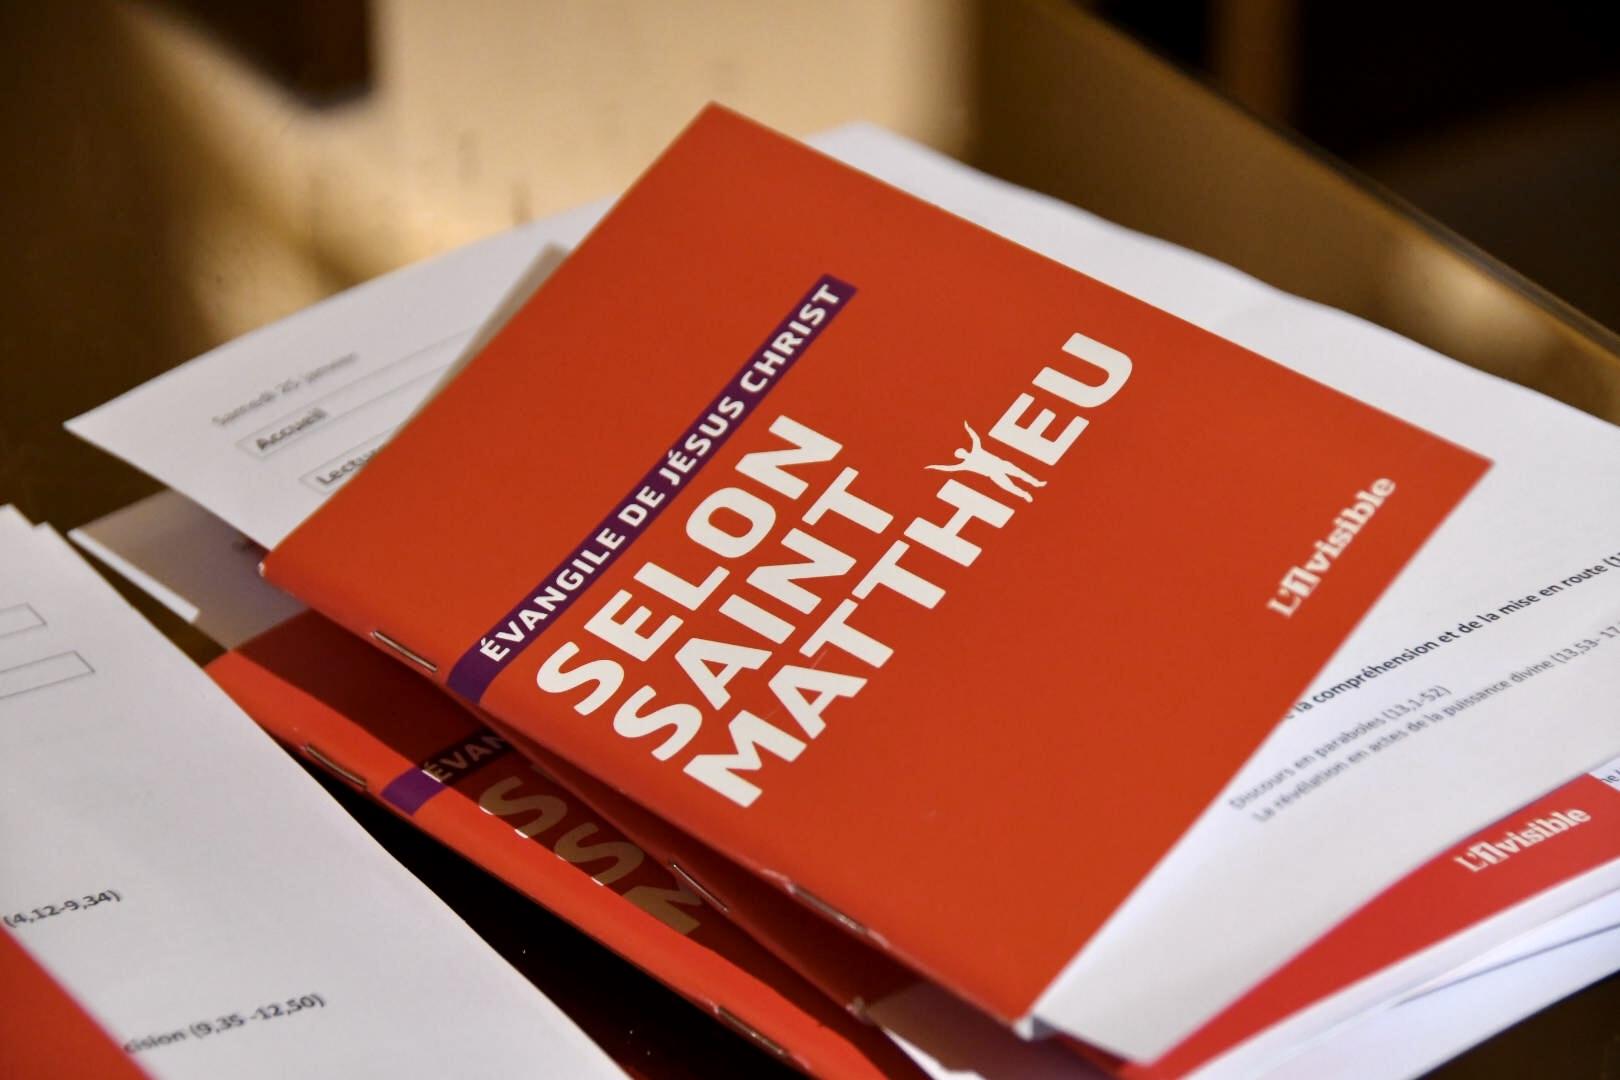 Samedi 25 janvier à 18h30 Lecture en continu de l'Evangile de St Matthieu